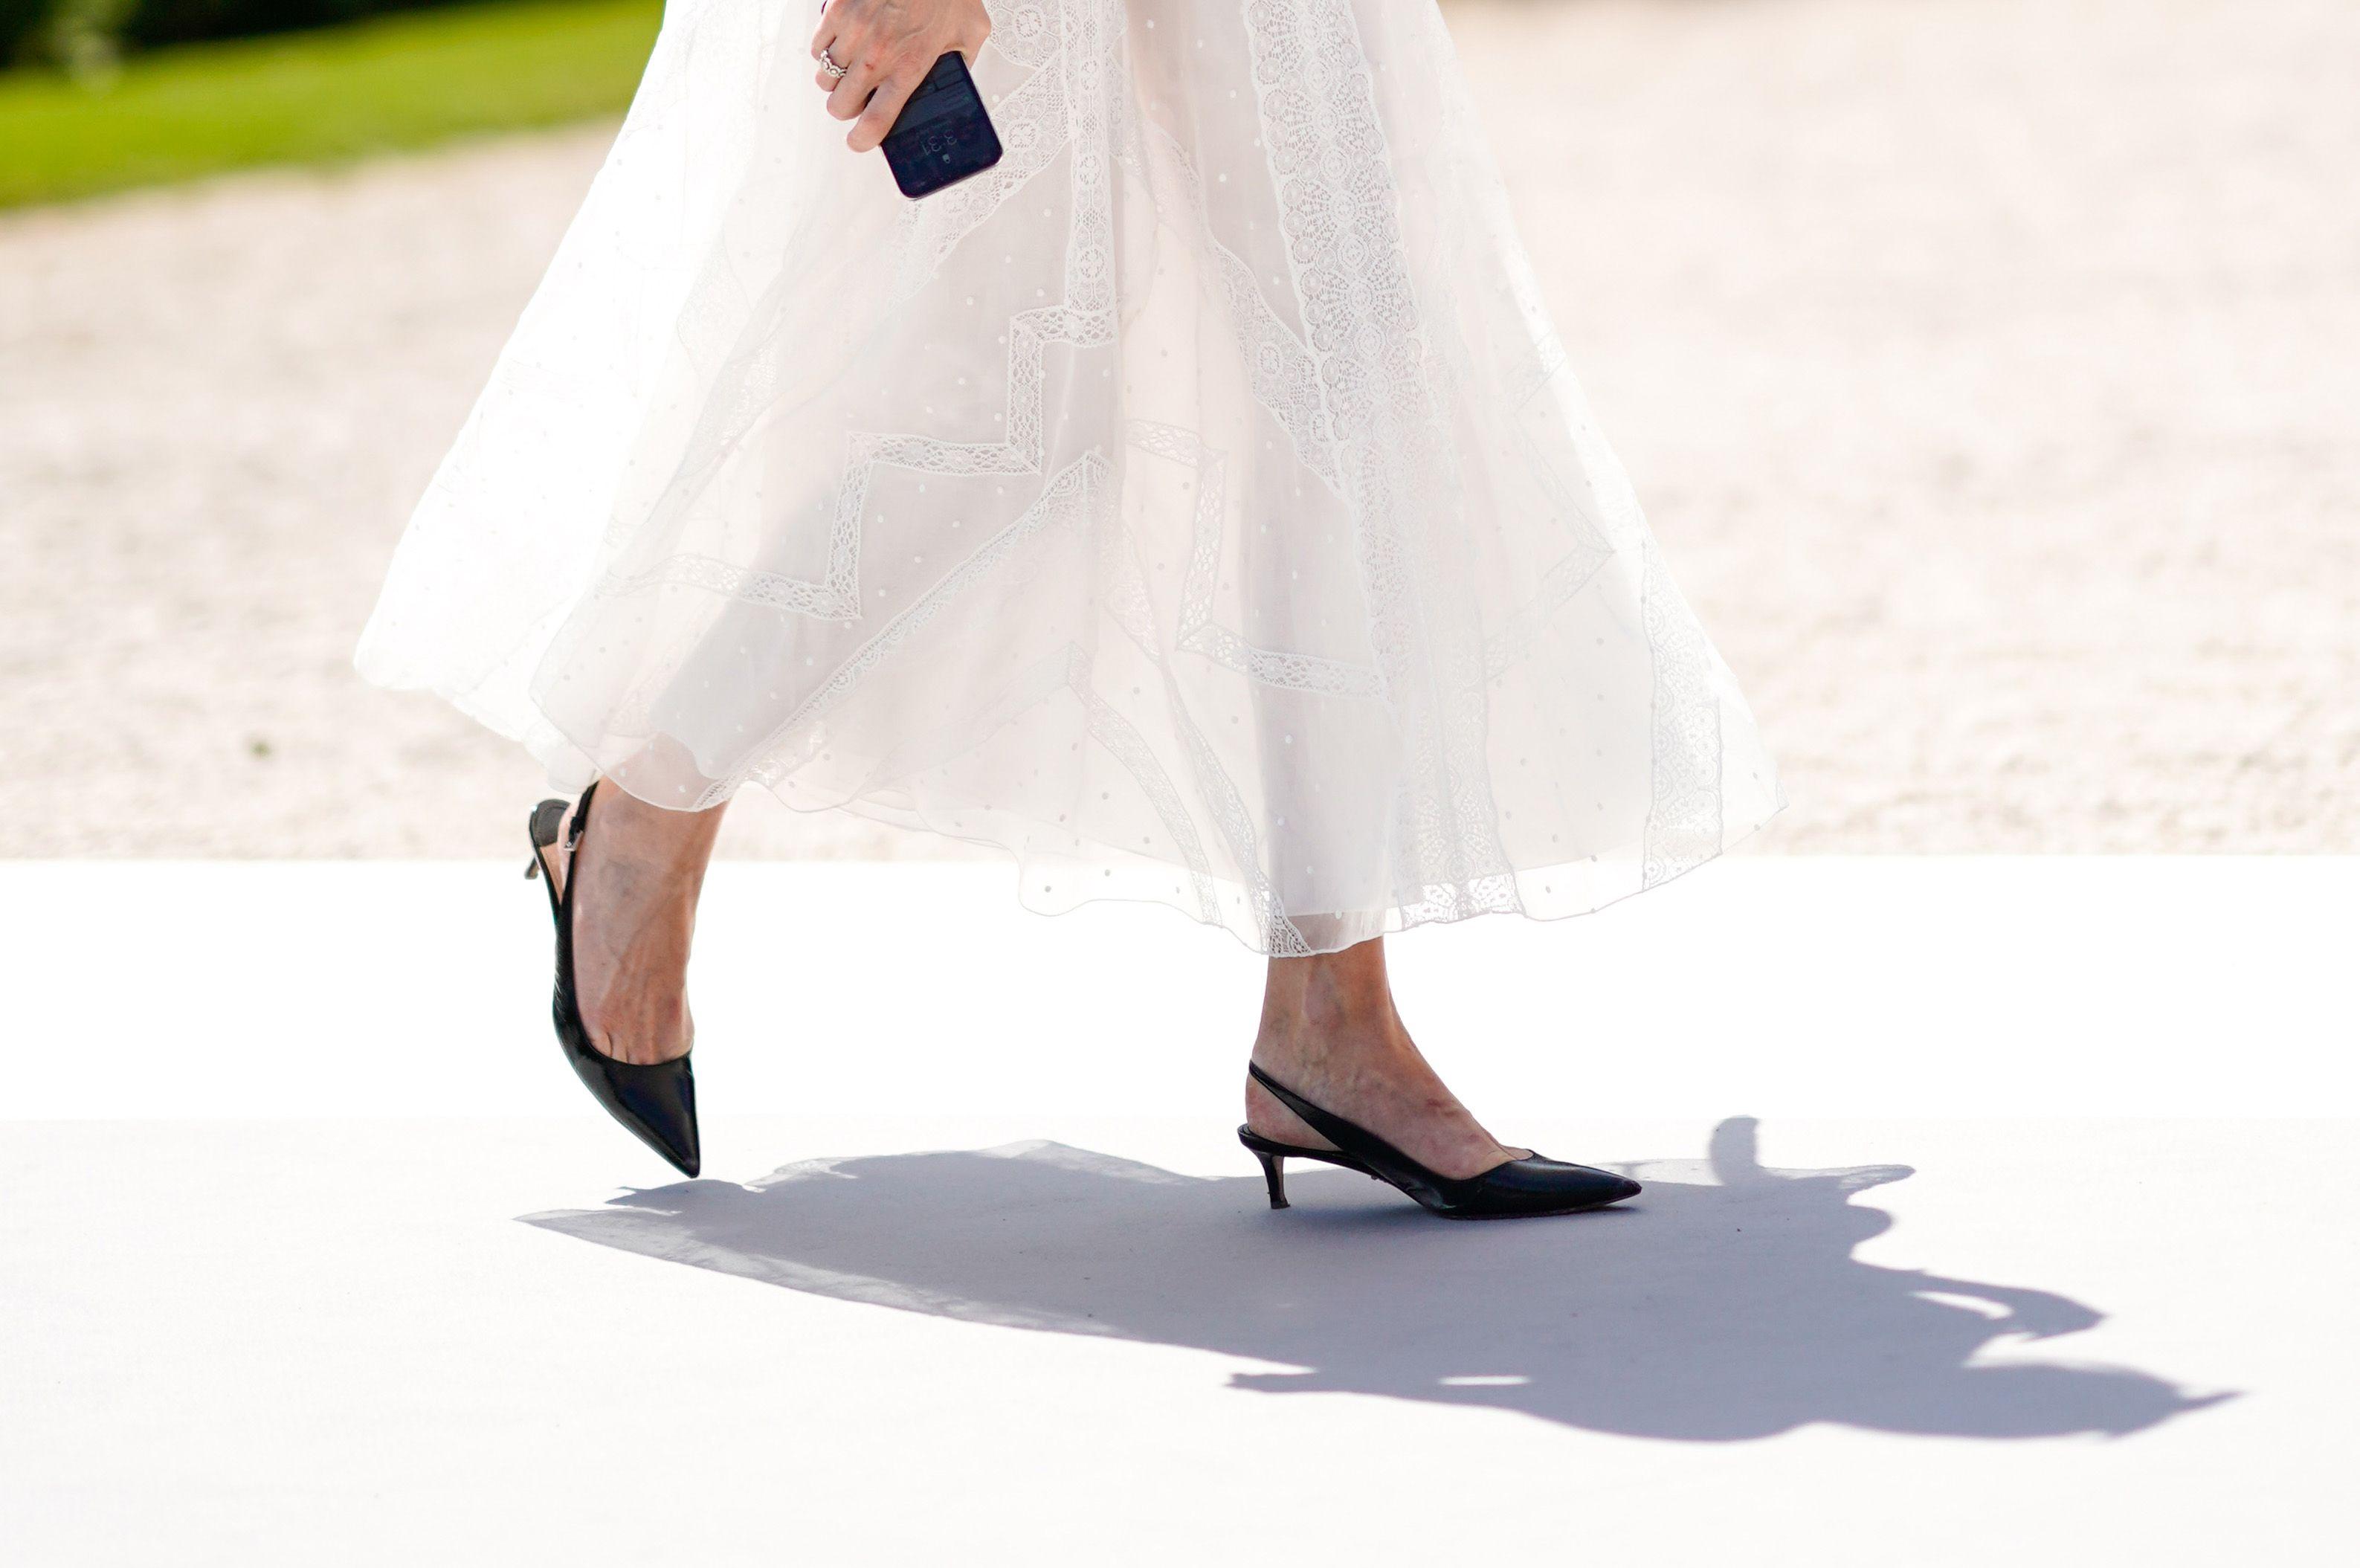 Voce del verbo to SLINGBACK, tendenza delle scarpe moda 2019